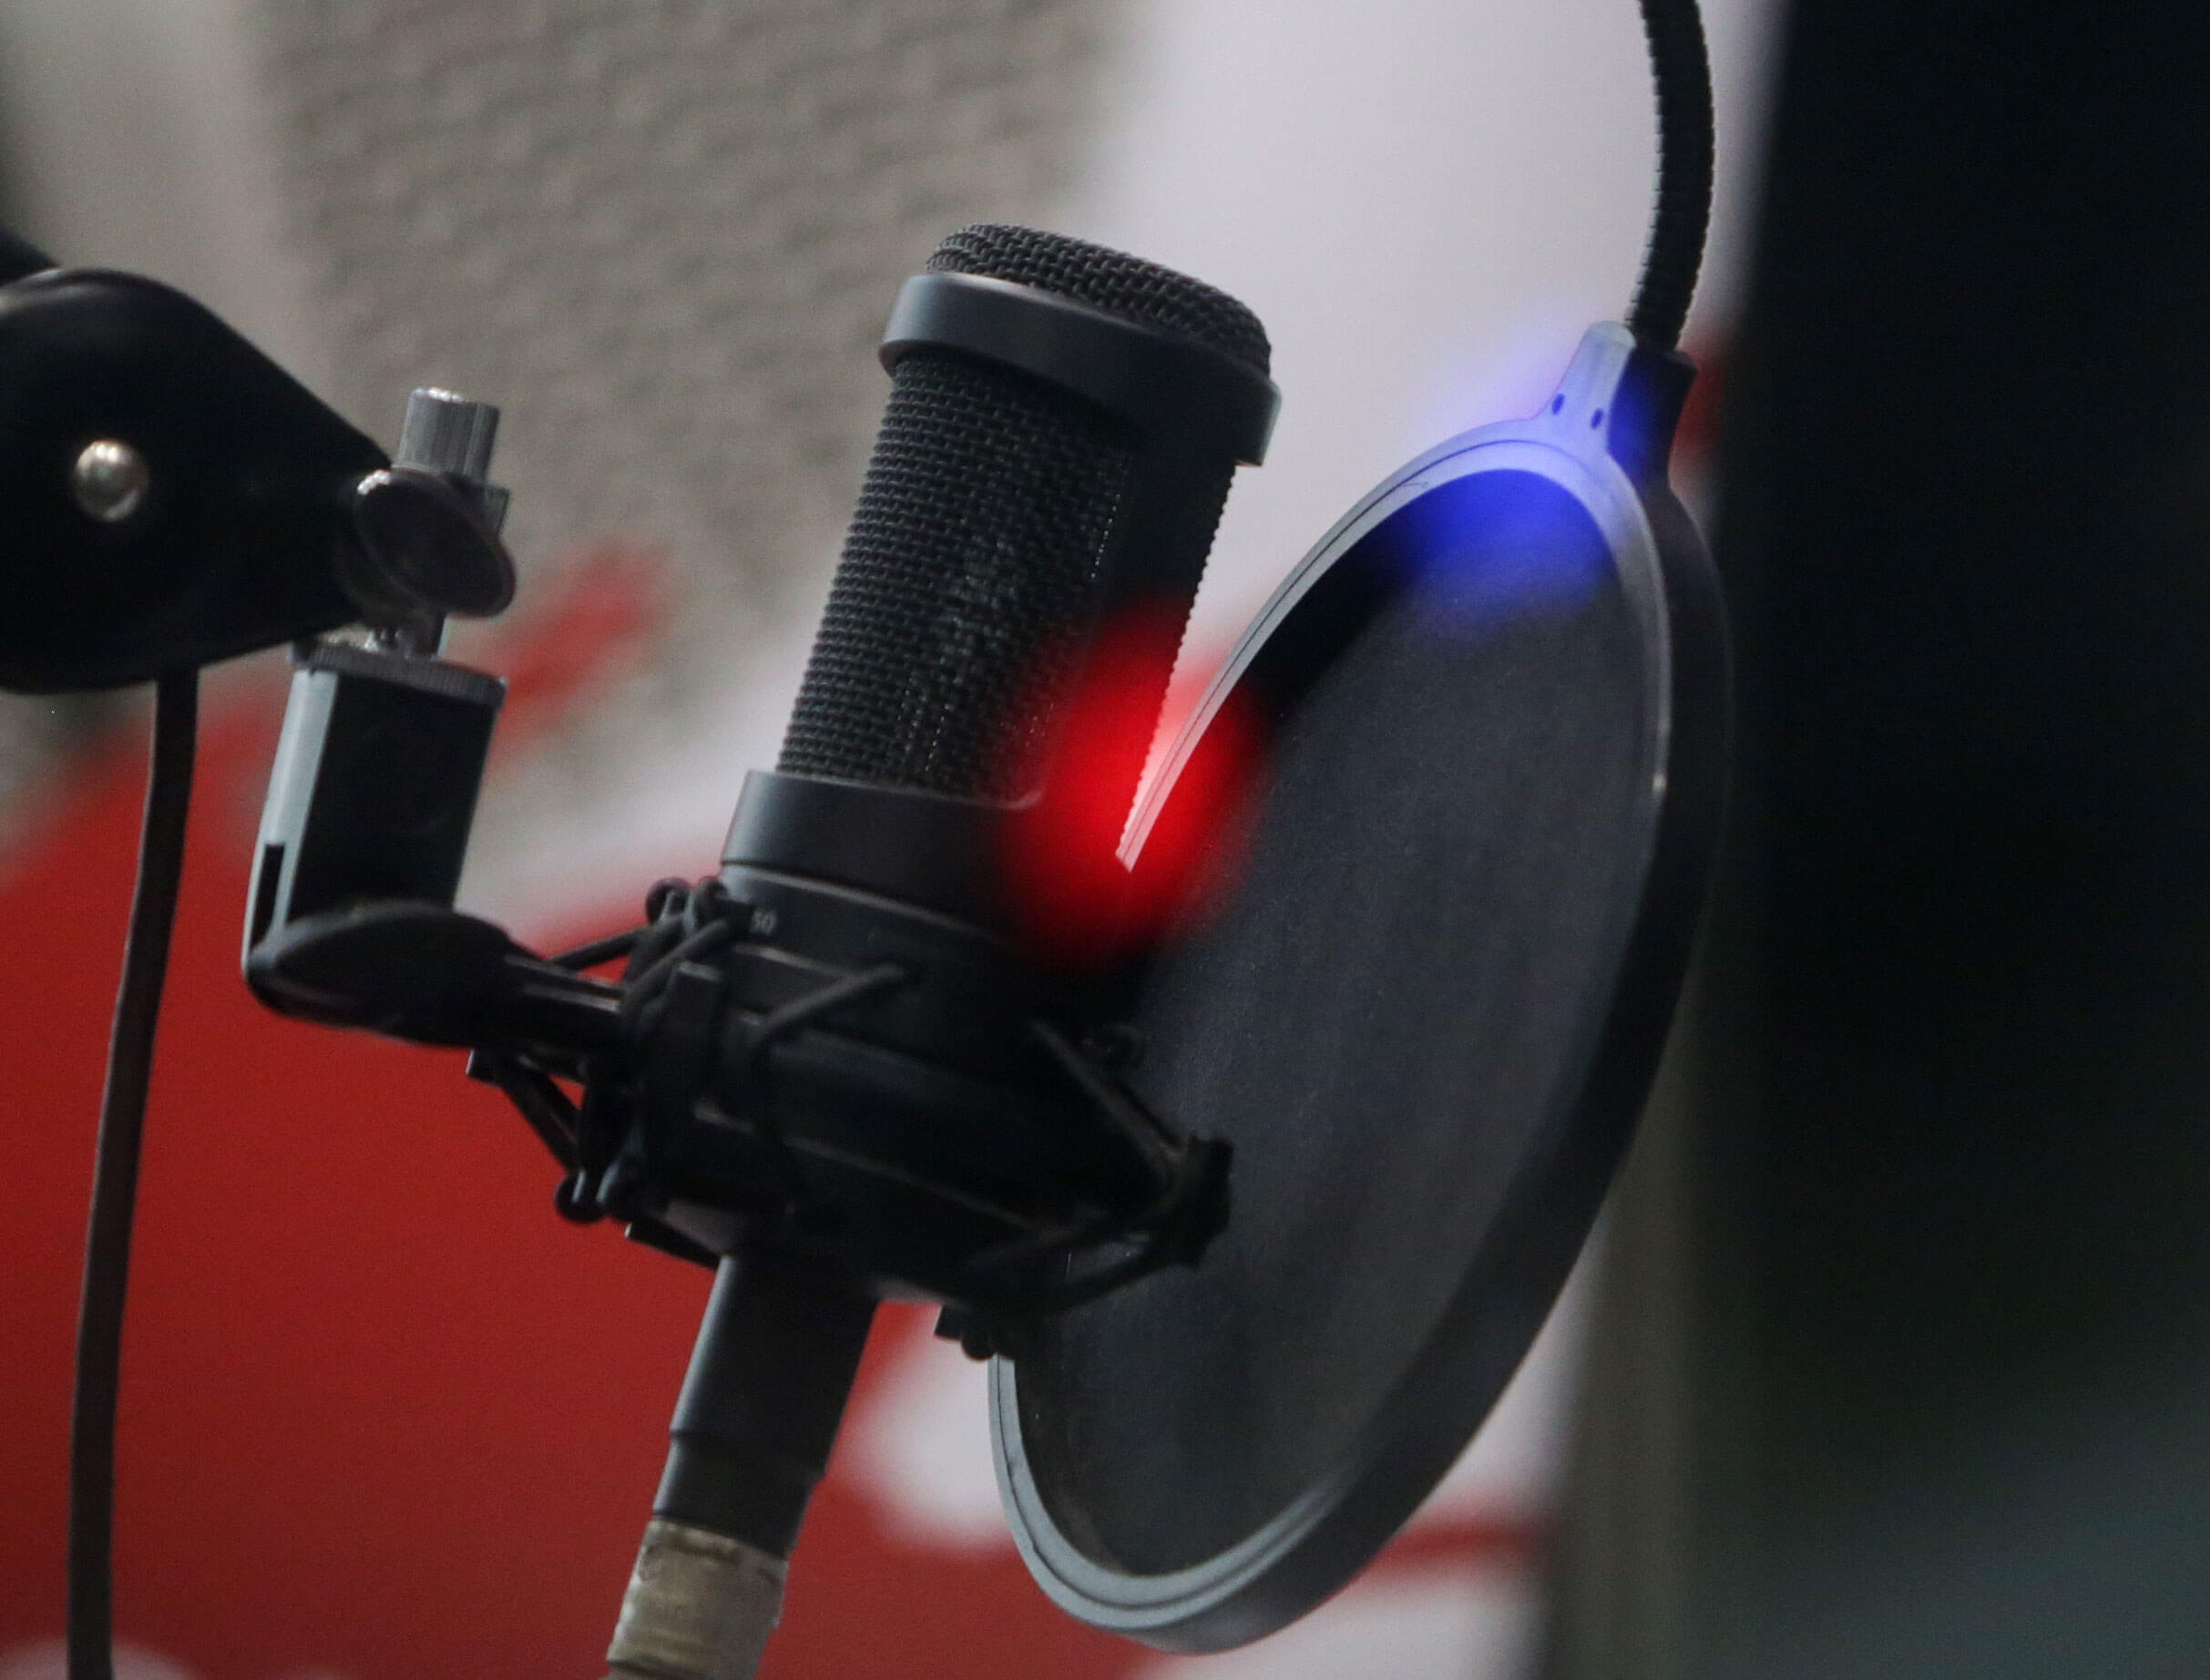 ΗΠΑ: Πέθανε από κορονοϊό γνωστός ραδιοφωνικός παραγωγός – Ήταν αρνητής των εμβολιασμών